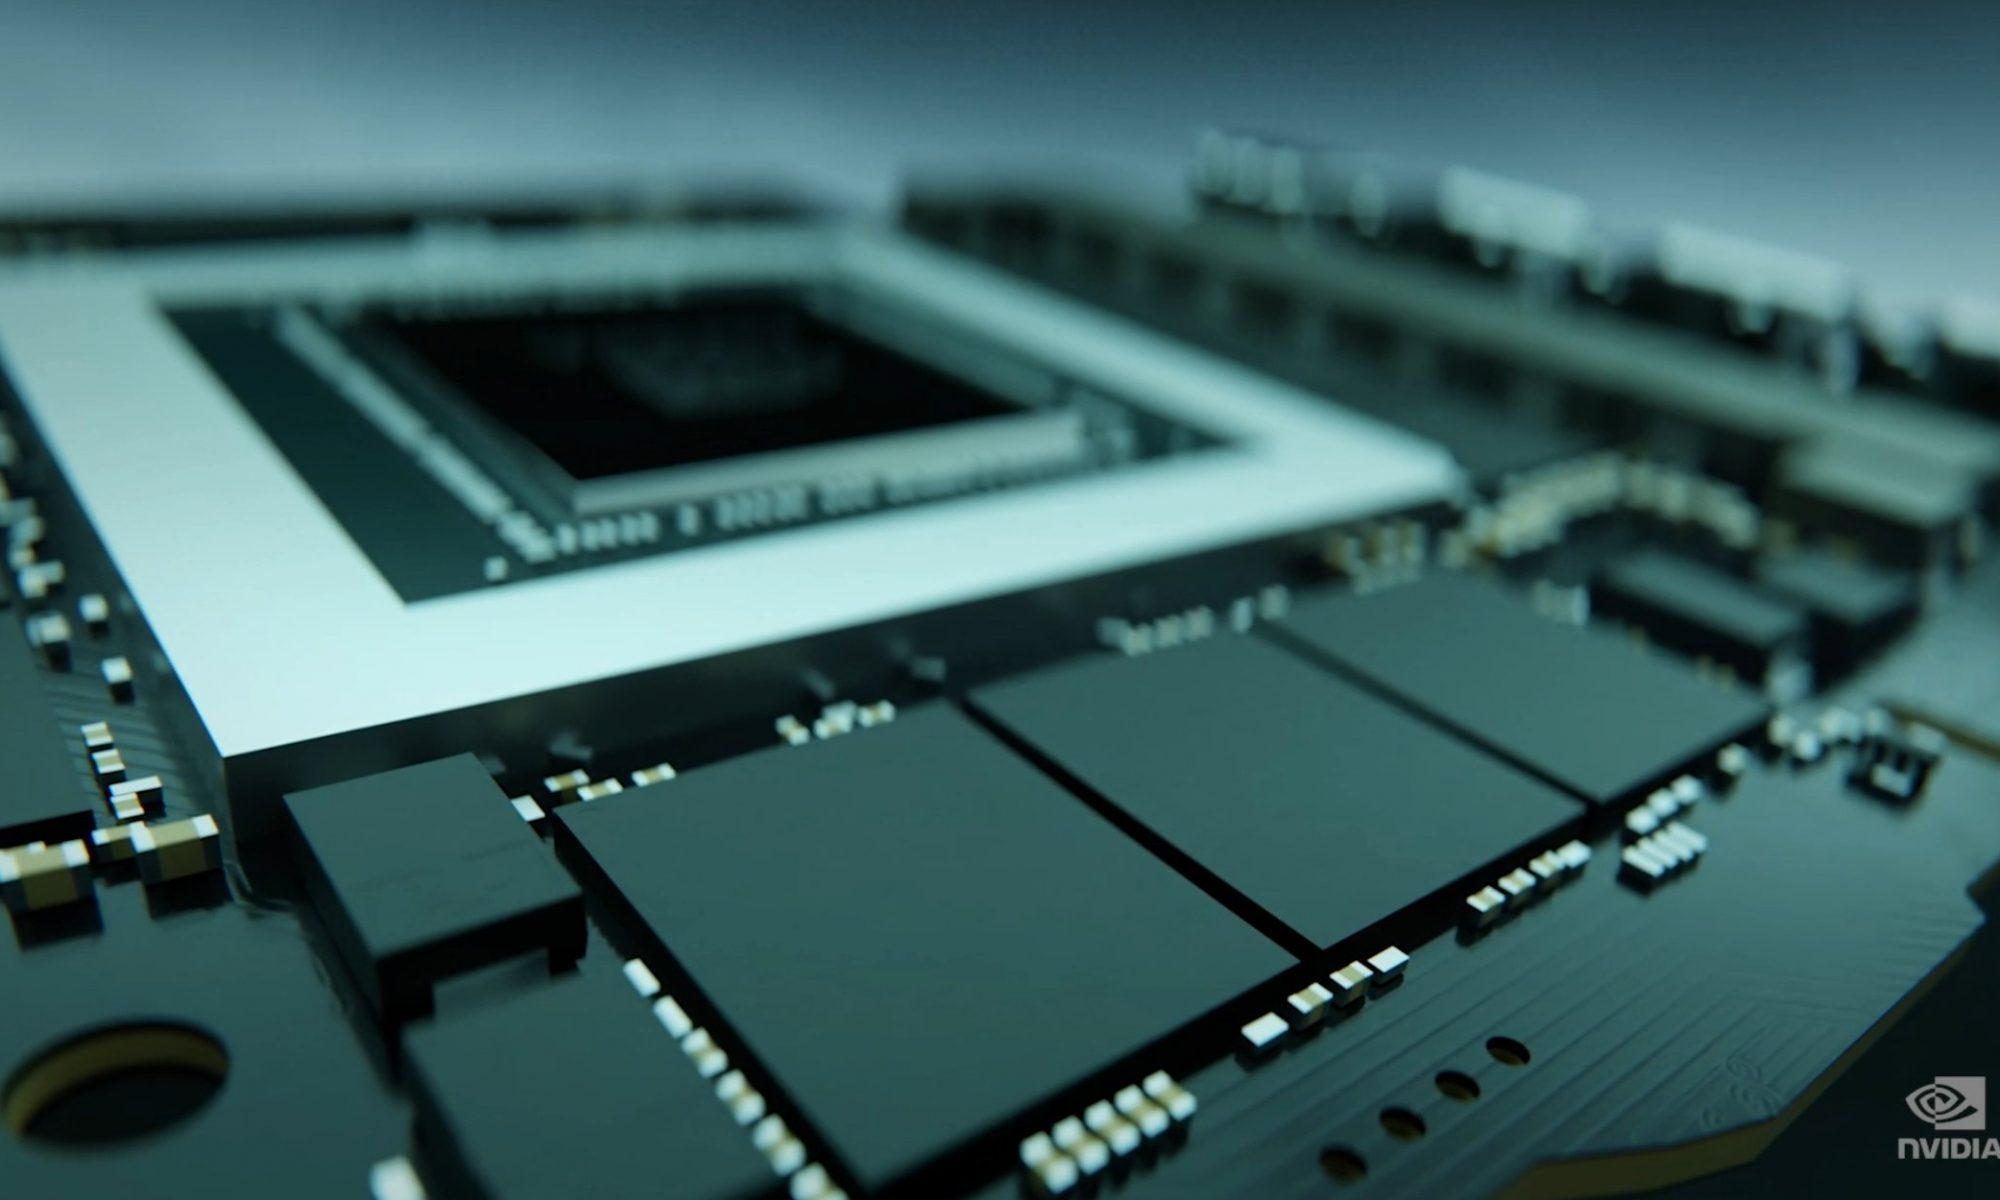 NVIDIA reduce la producción de RTX 2060 a la mitad para dejar espacio para los SKU de la serie RTX 30